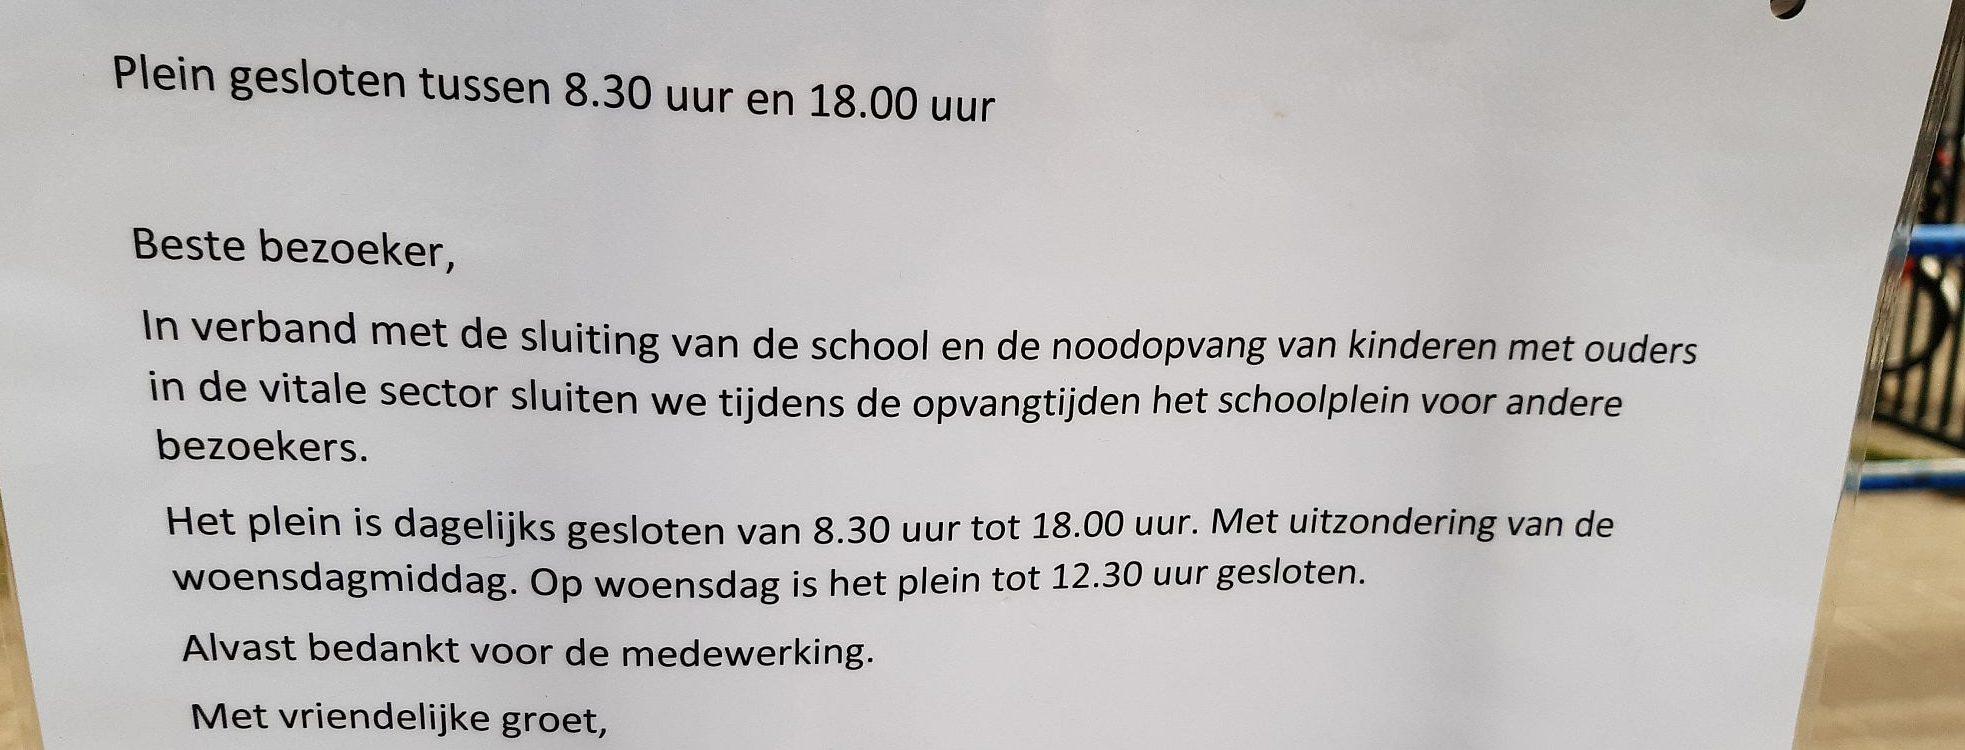 Maatregelen rond het coronavirus op de schoolpleinen, foto gemaakt door Roland de Jong, Historisch Centrum Overijssel